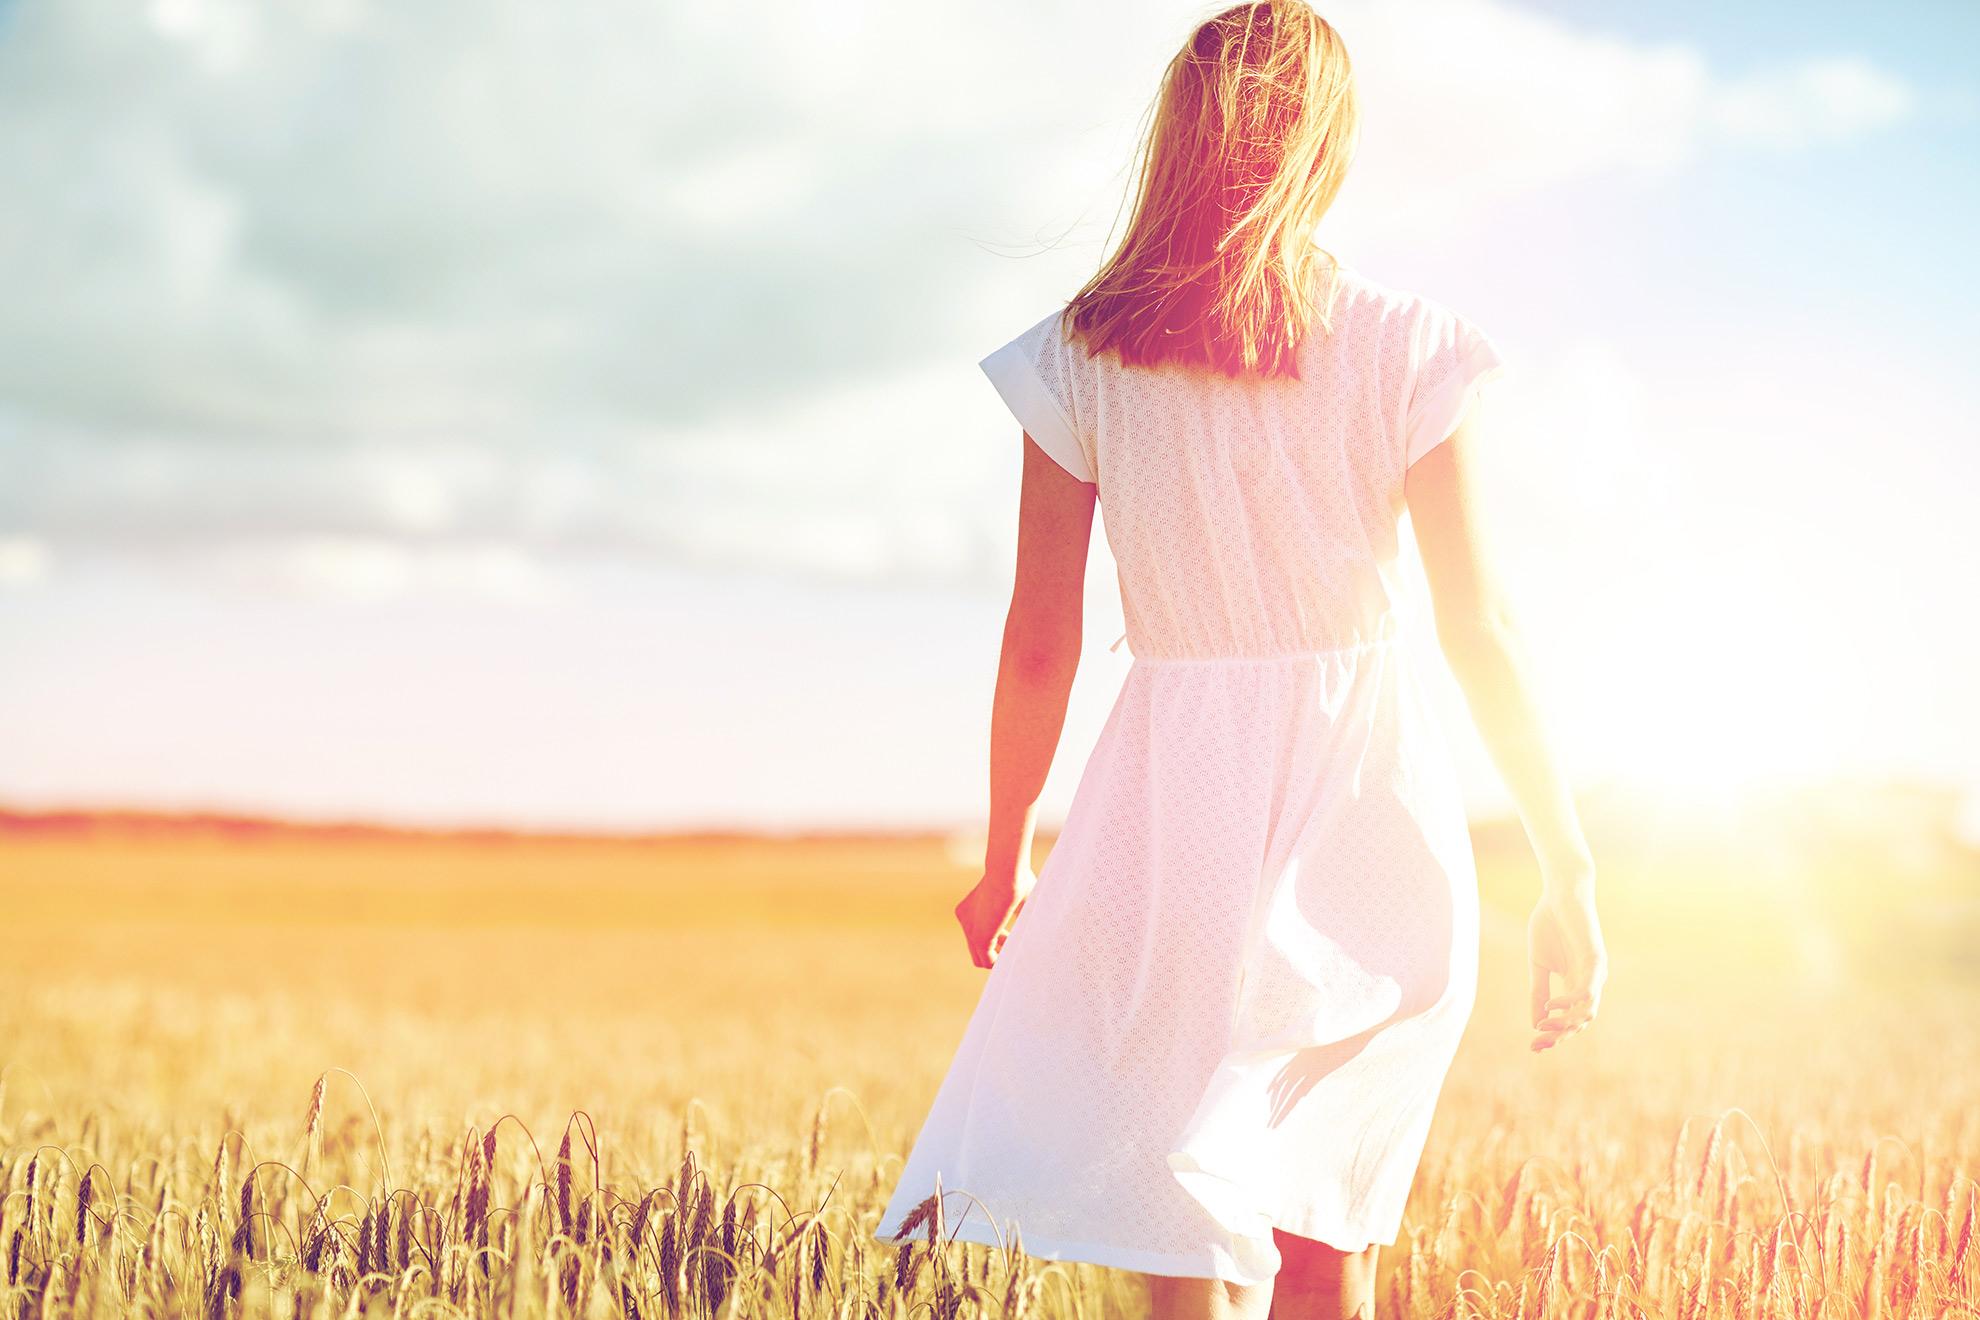 Kobieta w białej sukience, dodatki do letniej stylizacji z biała sukienką - ilustracja do artykułu